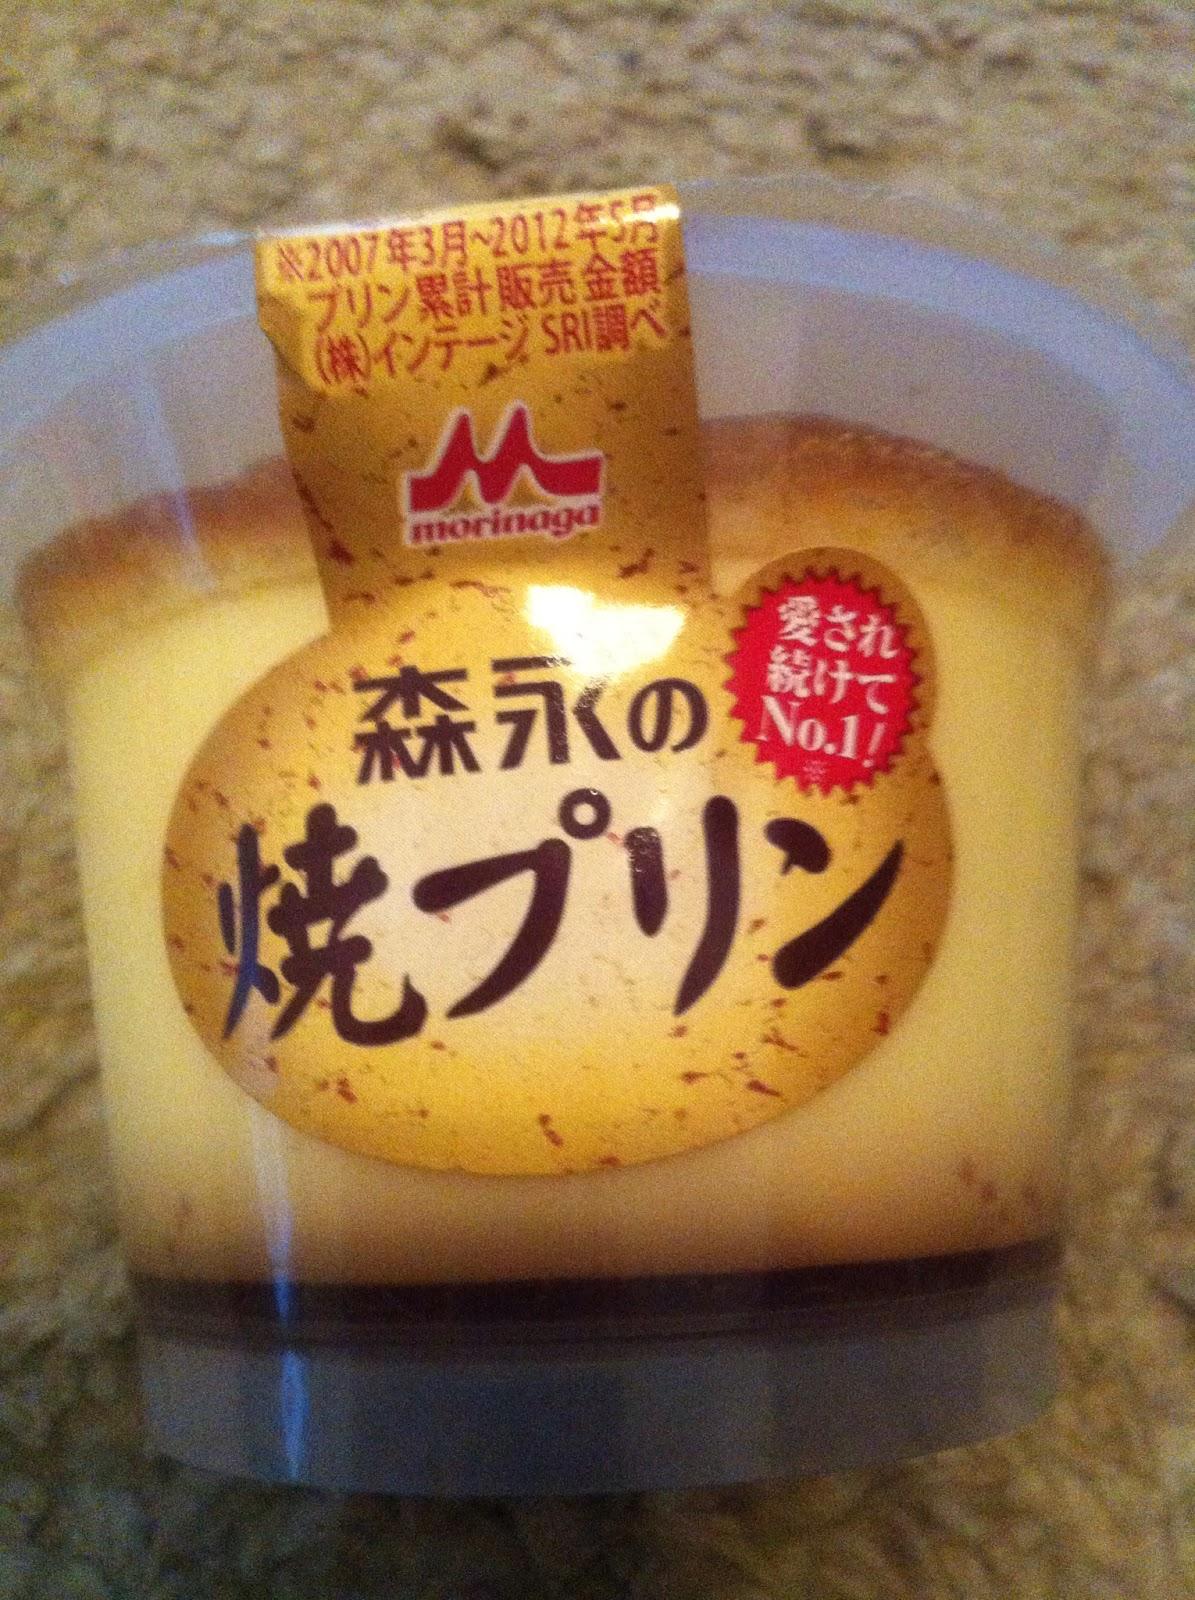 長年愛され続けるデザート!!森永の焼きプリンの美味しさ!!のサムネイル画像